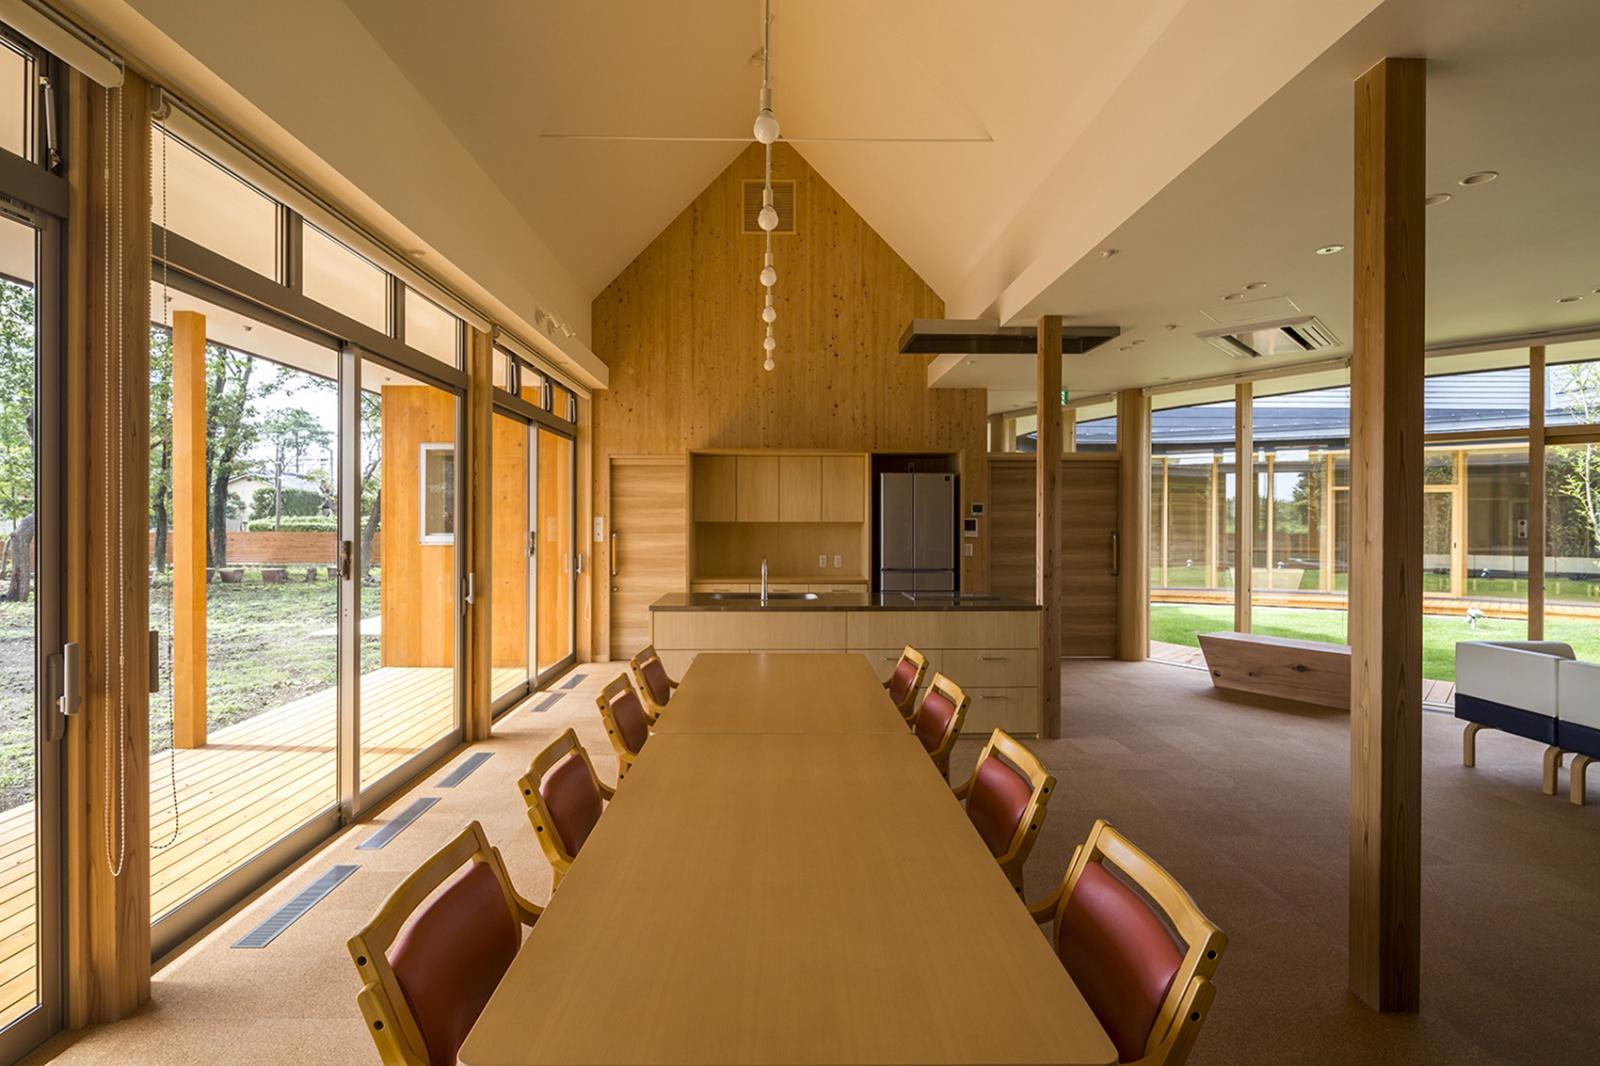 開口部からの光もやわらかく室内に取り入れられ、おさえられた照明計画とともに、リラックスして過ごせる室内空間となっています。